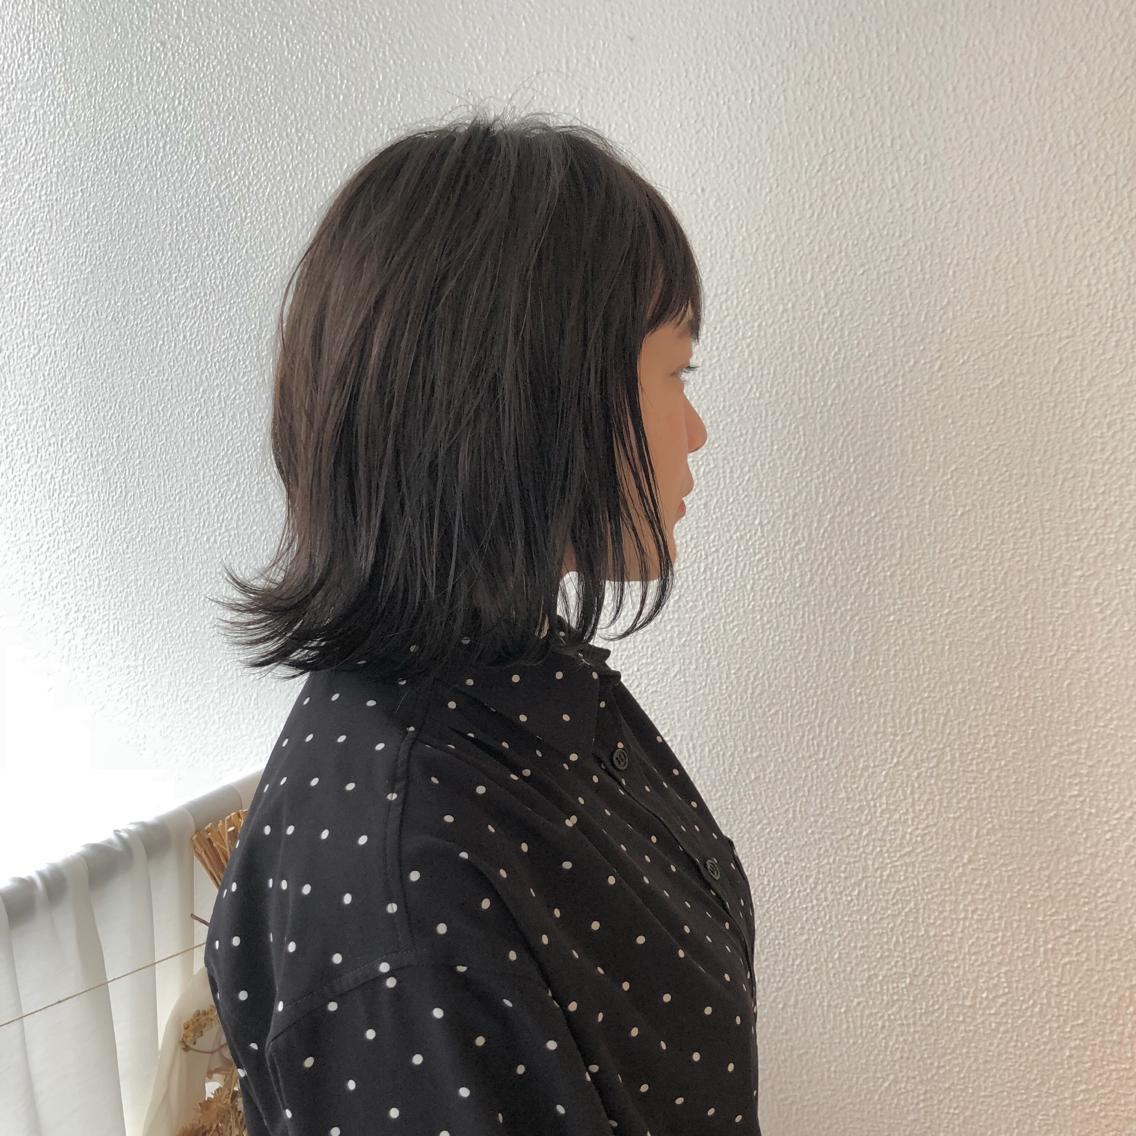 #ショート #カラー #パーマ #ヘアアレンジ 【フェザーボブ】  Instagramにもヘアスタイル載せてますので是非♪♪  https://instagram.com/yuuki_matsui_/